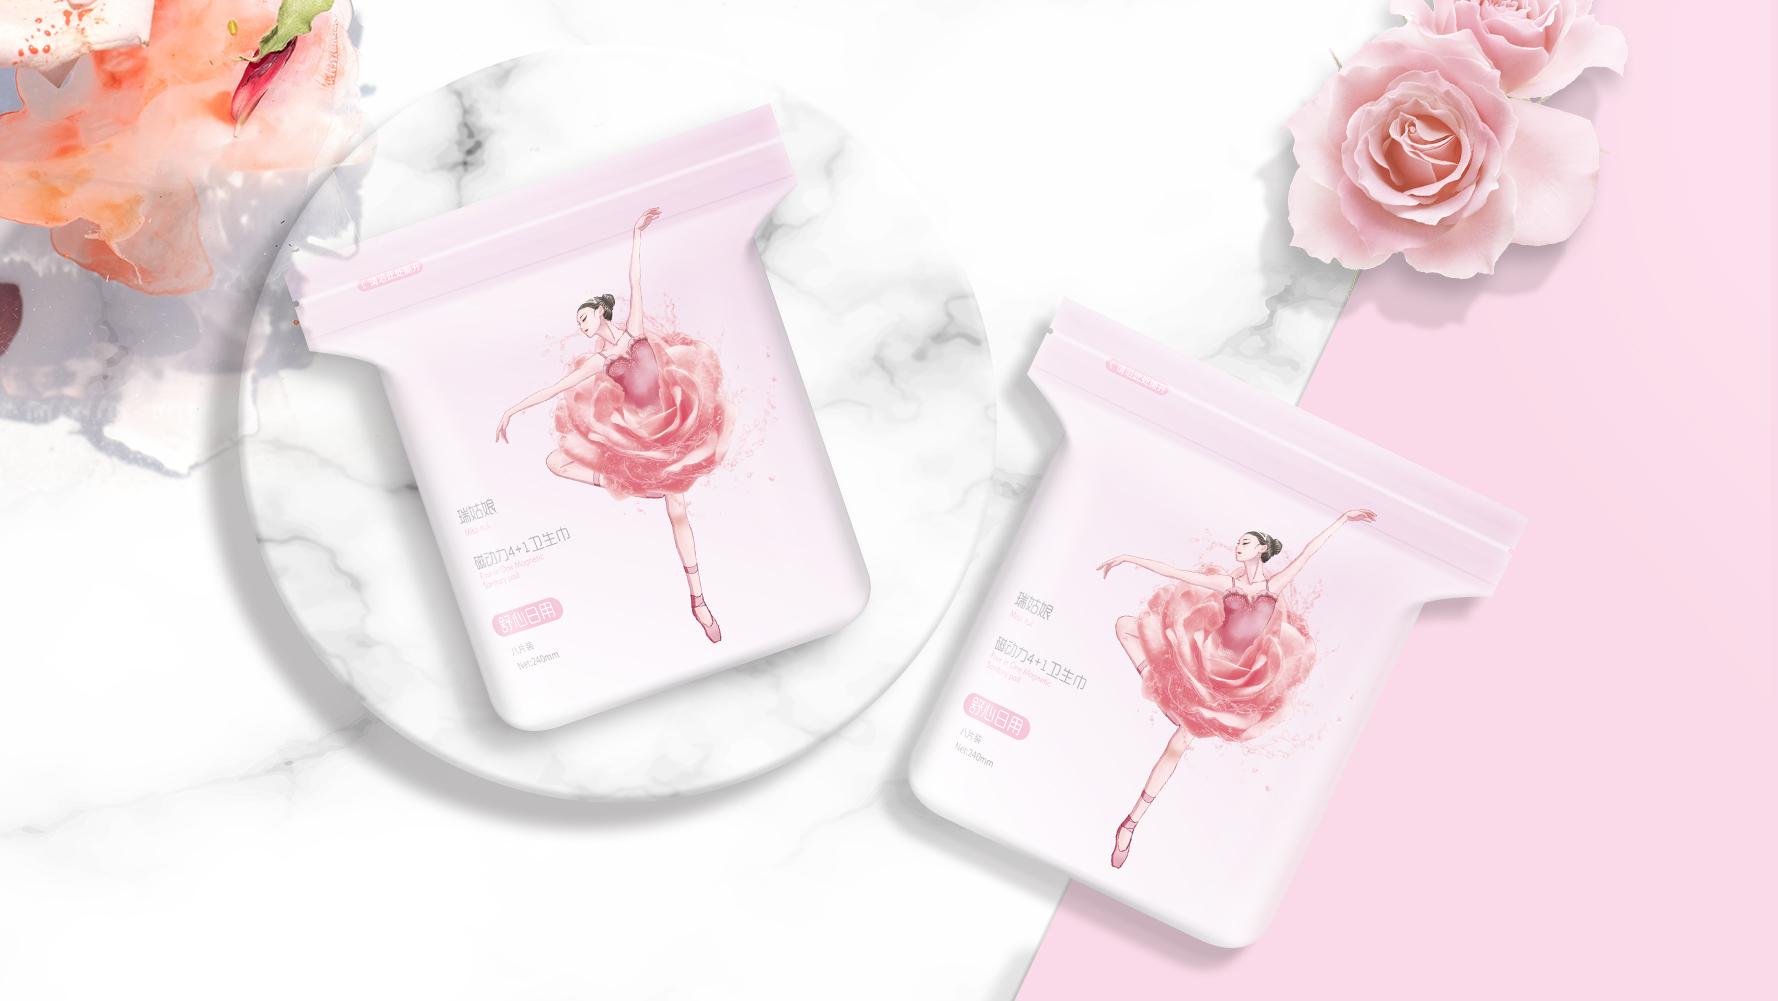 护肤品包装设计美妆包装盒设计包装家电年货包装设计礼盒纸盒瓶型